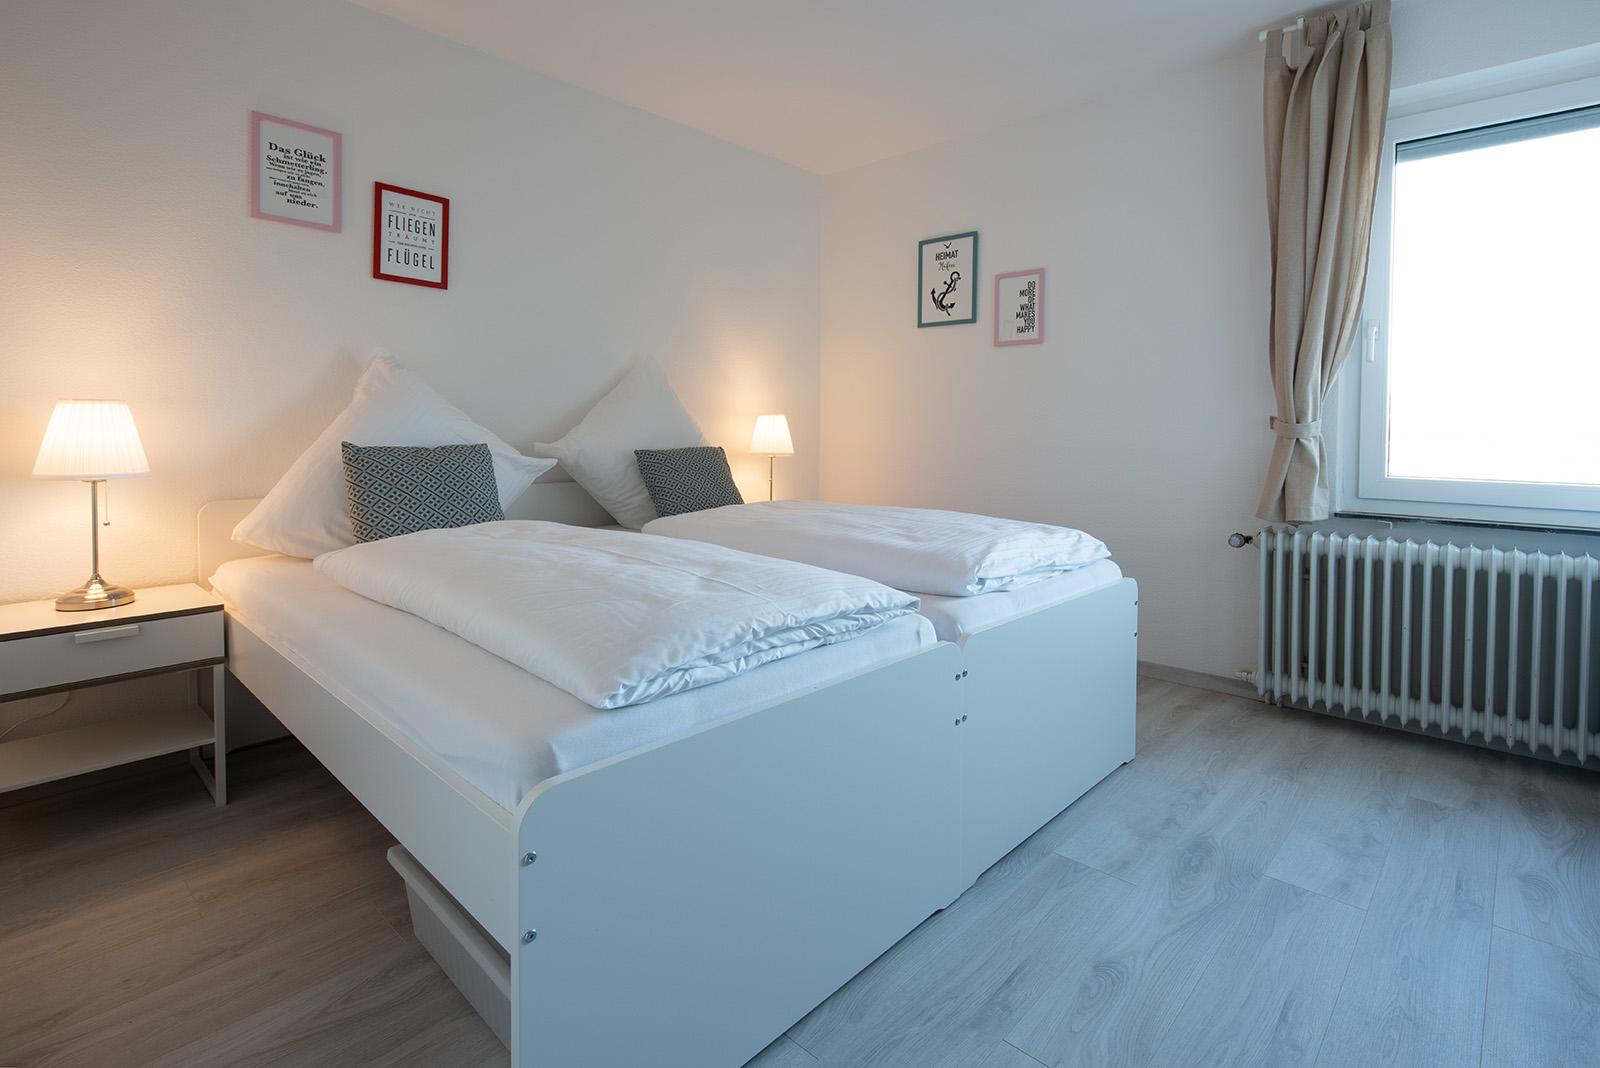 Ferienwohnung am Bodensee: Ittendorf - Schlafzimmer